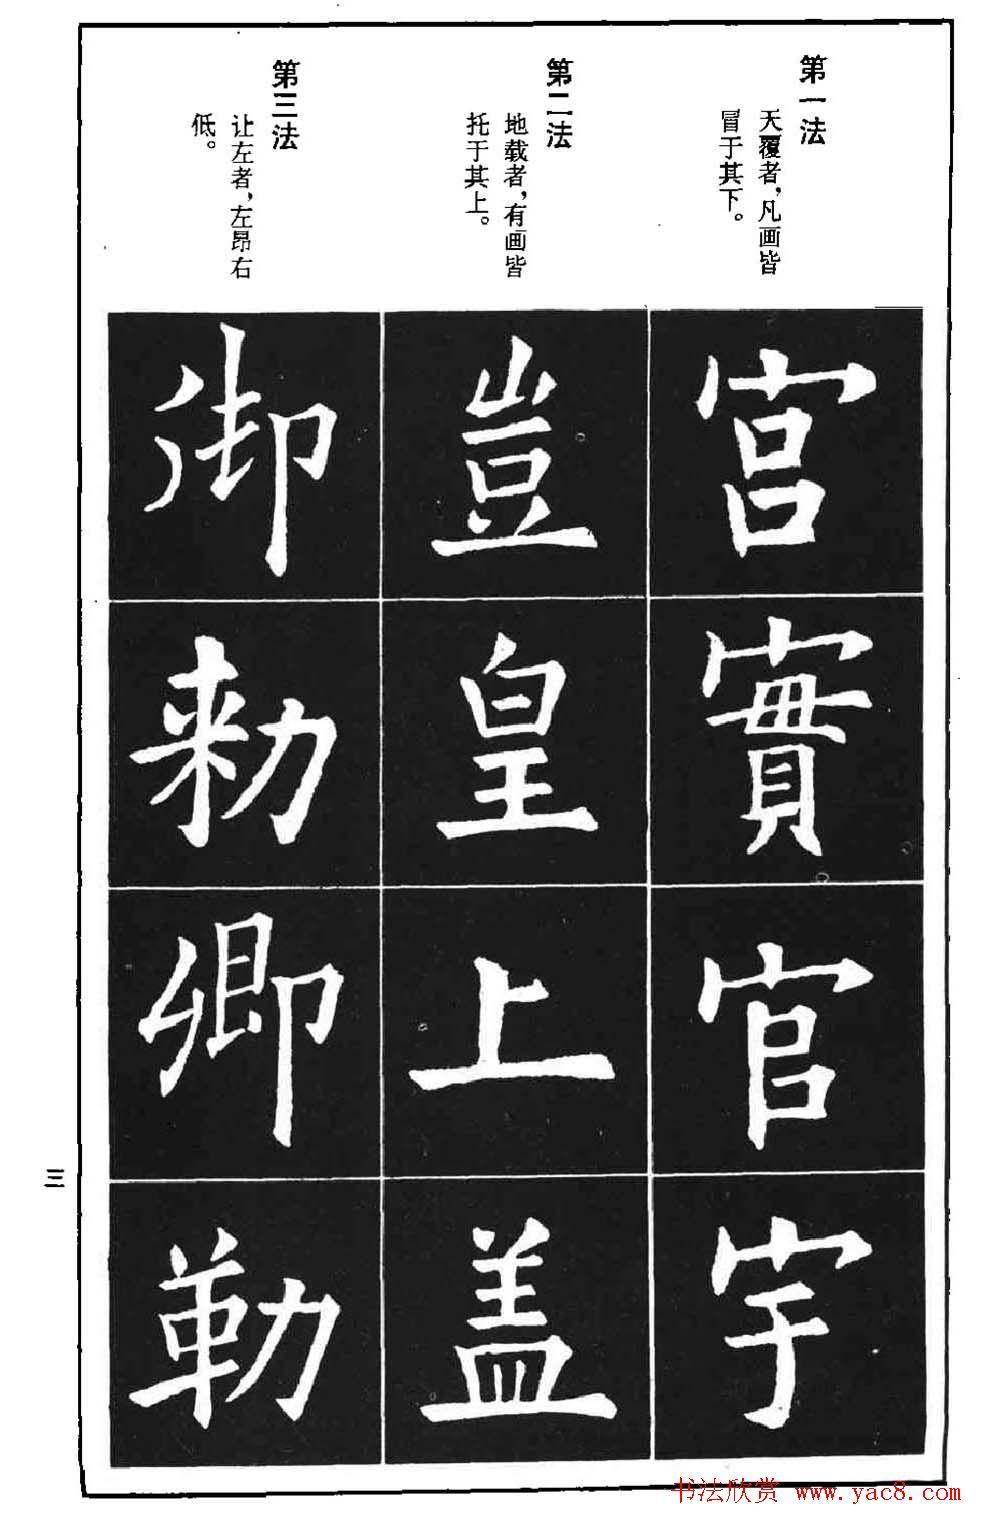 字帖下载《欧阳询楷书间架结构九十二法》